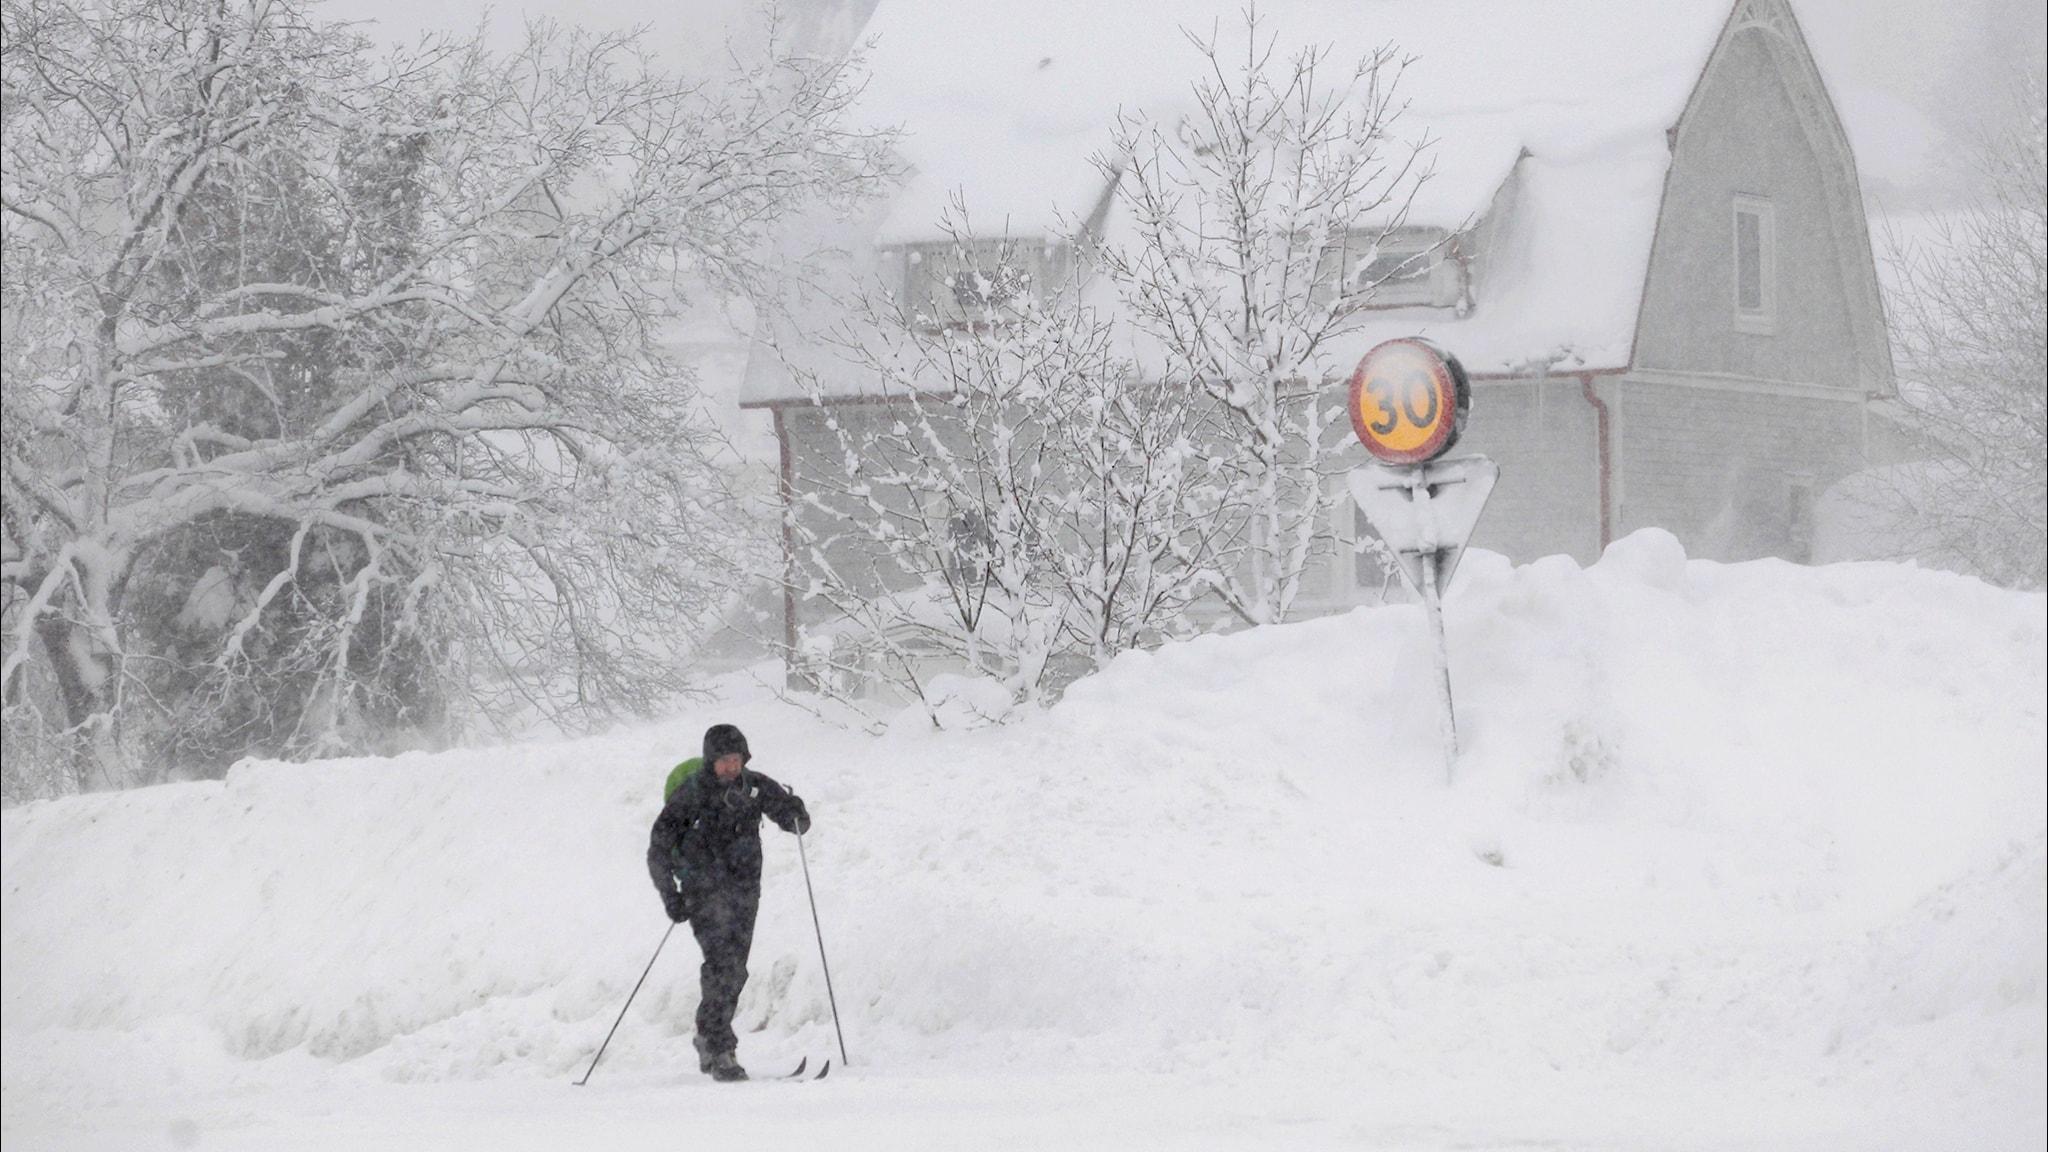 En person tar sig fram i ett snöigt landskap på skidor.